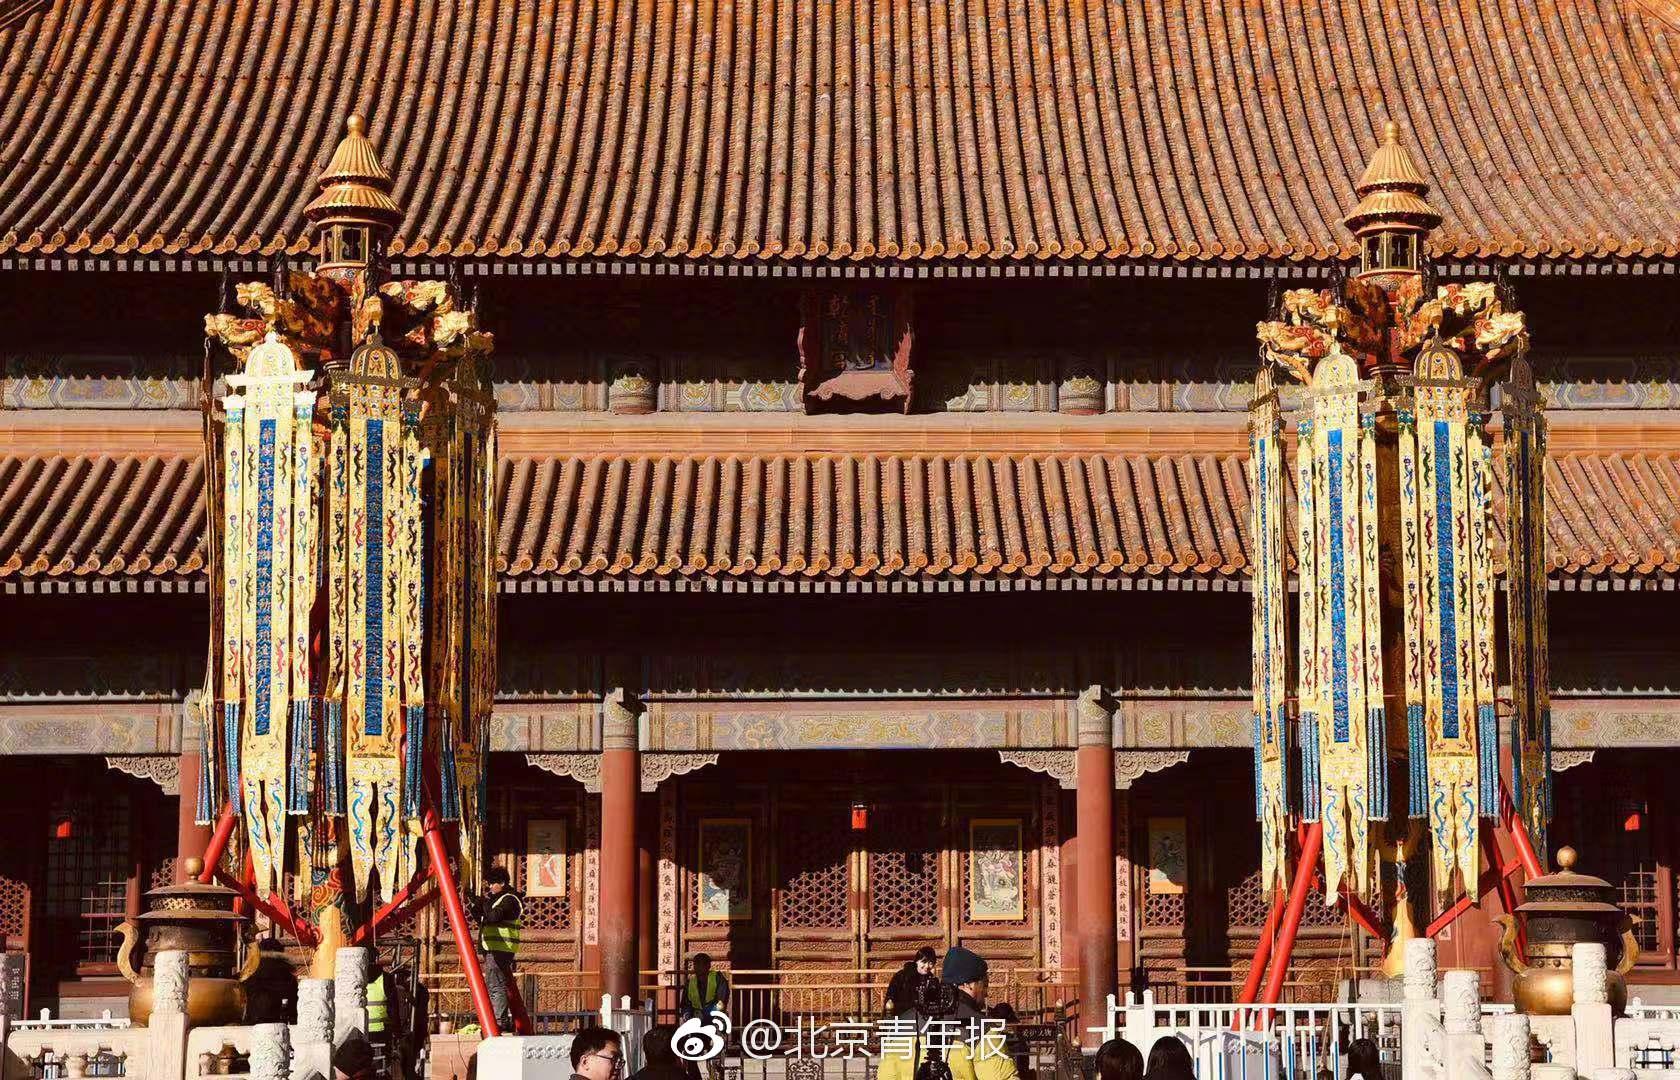 青岛市副市长栾新带队检查落实CBA复赛筹备工作